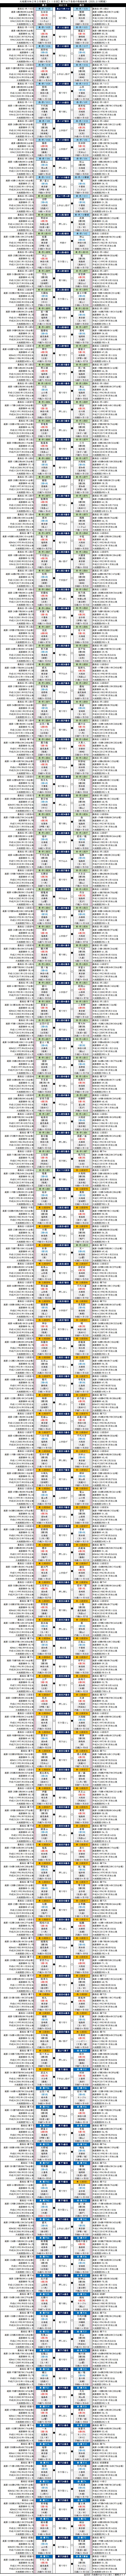 大相撲・2020年3月場所11日目・幕下以下の取組結果